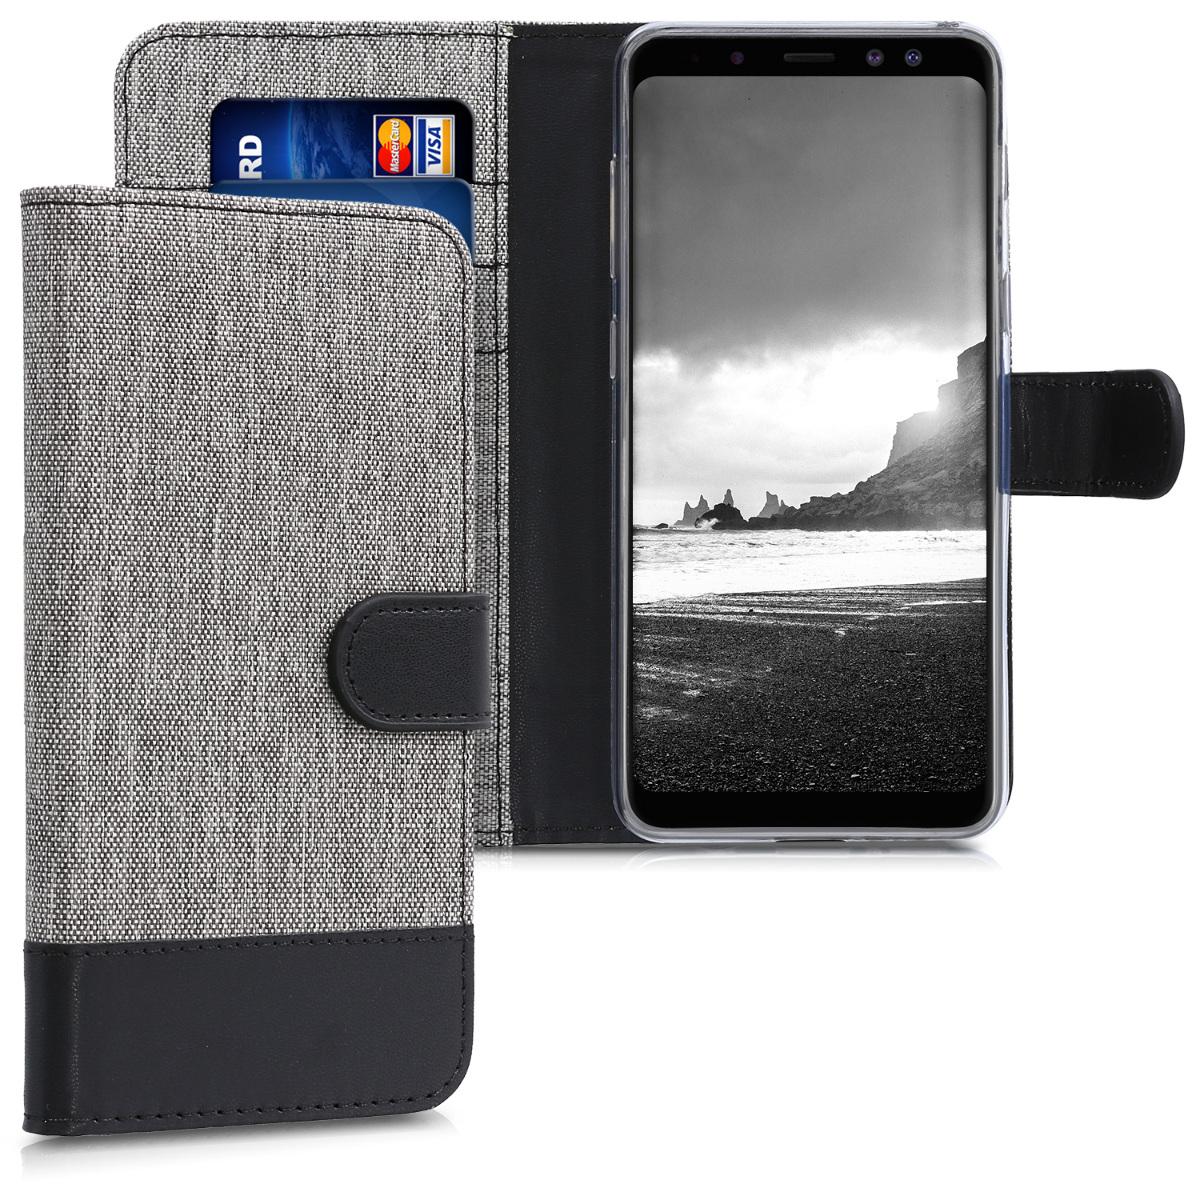 KW Θήκη-Πορτοφόλι Samsung Galaxy A8 (2018) - Γκρι/ Μαύρο  (44455.22)